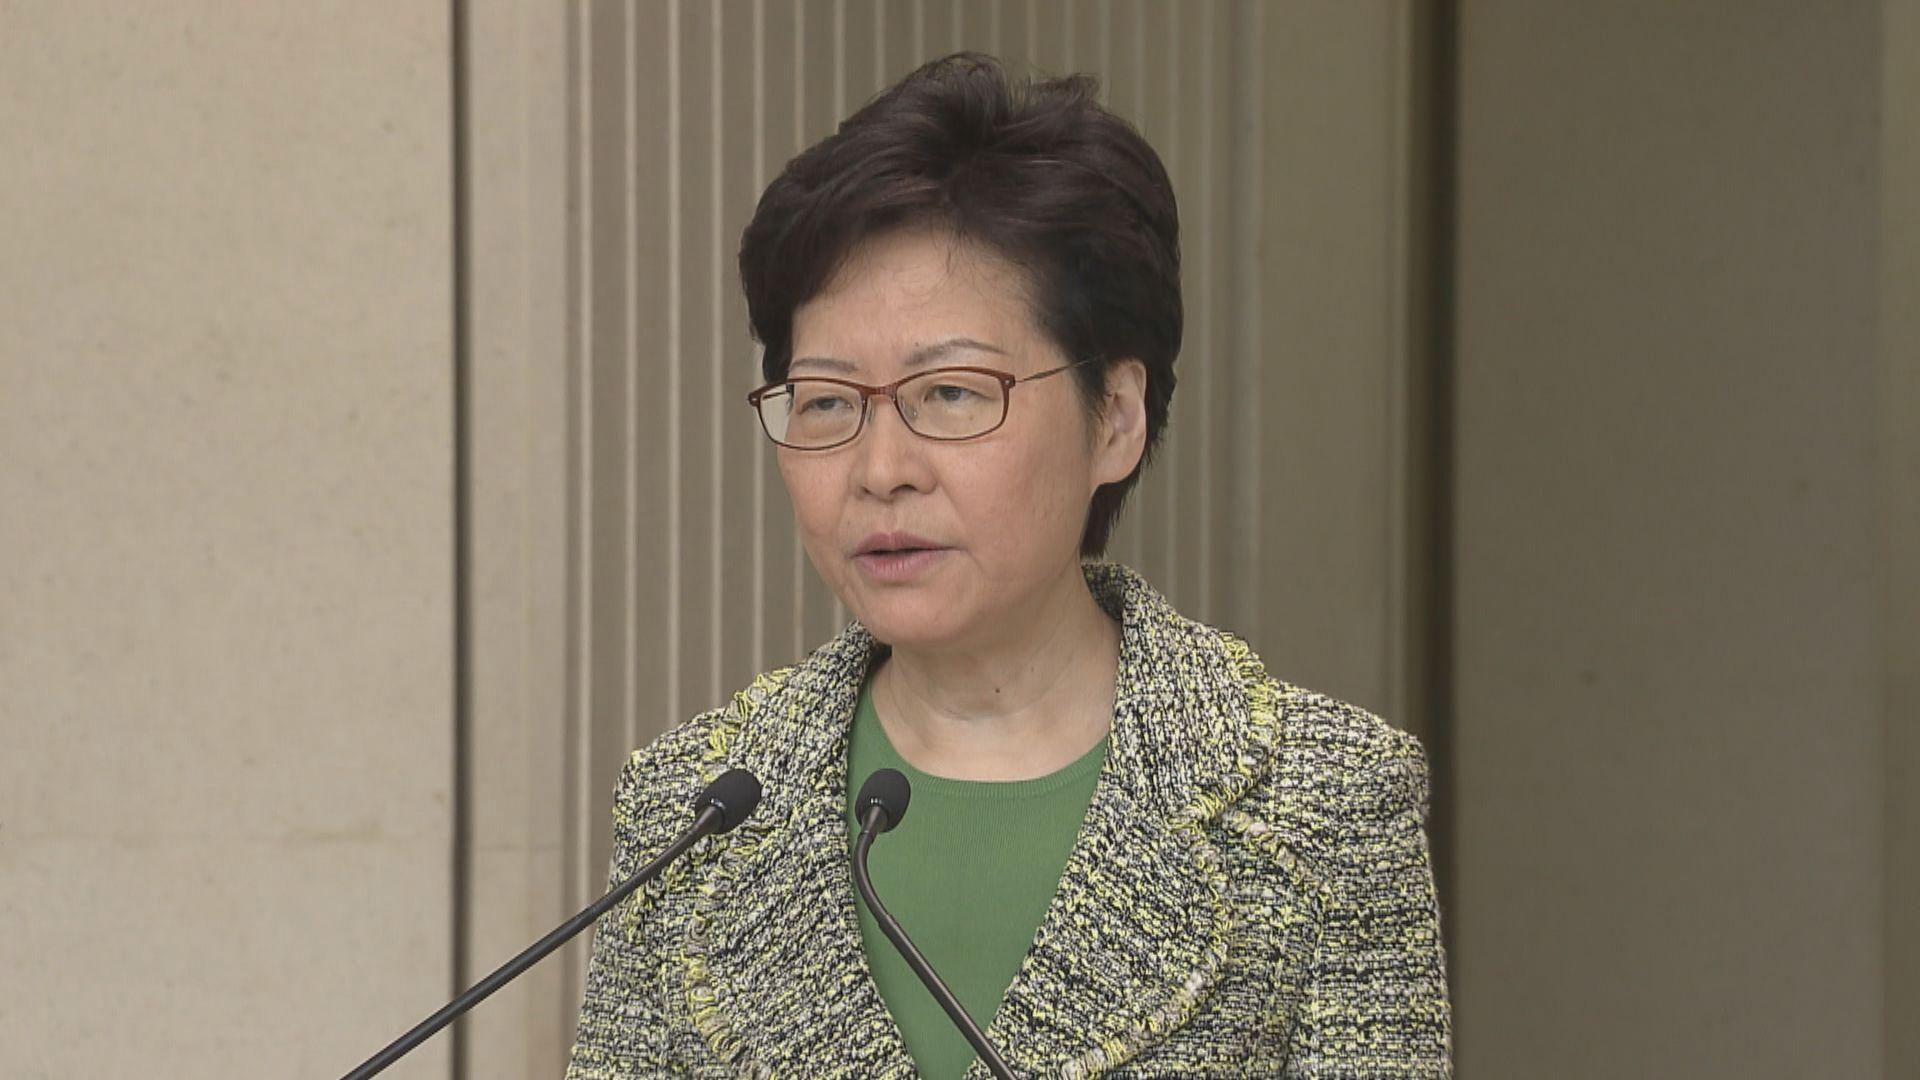 林鄭:校內升旗不涉及考慮公眾秩序及安全